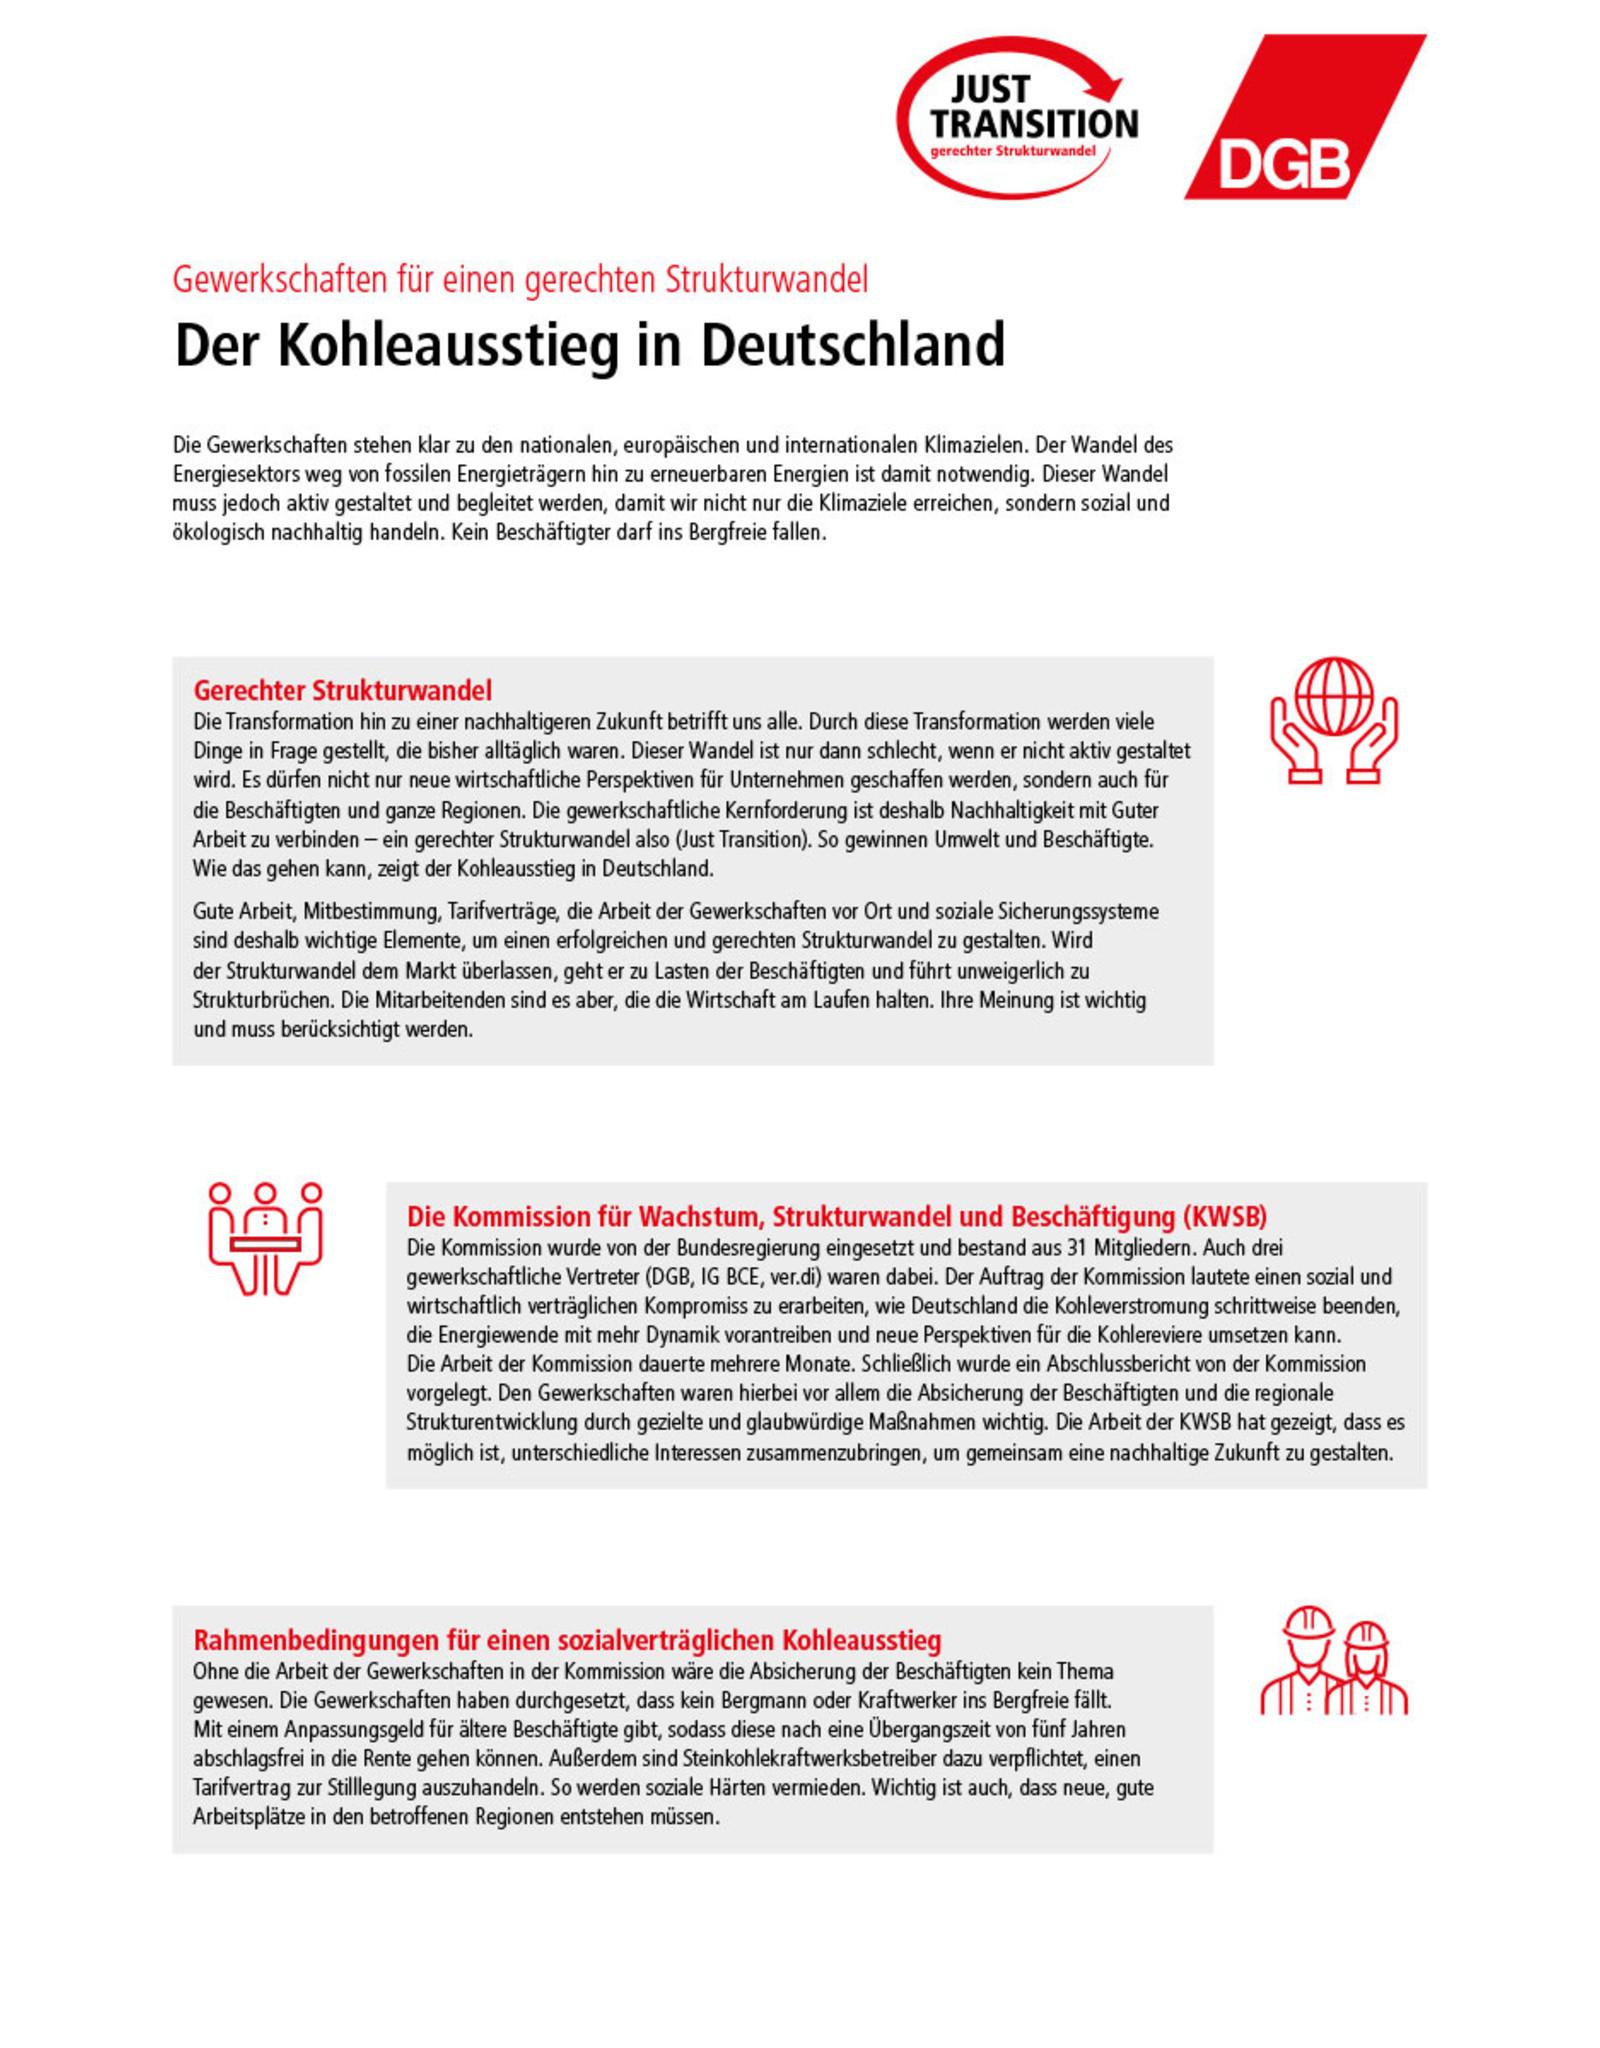 Der Kohleausstieg in Deutschland